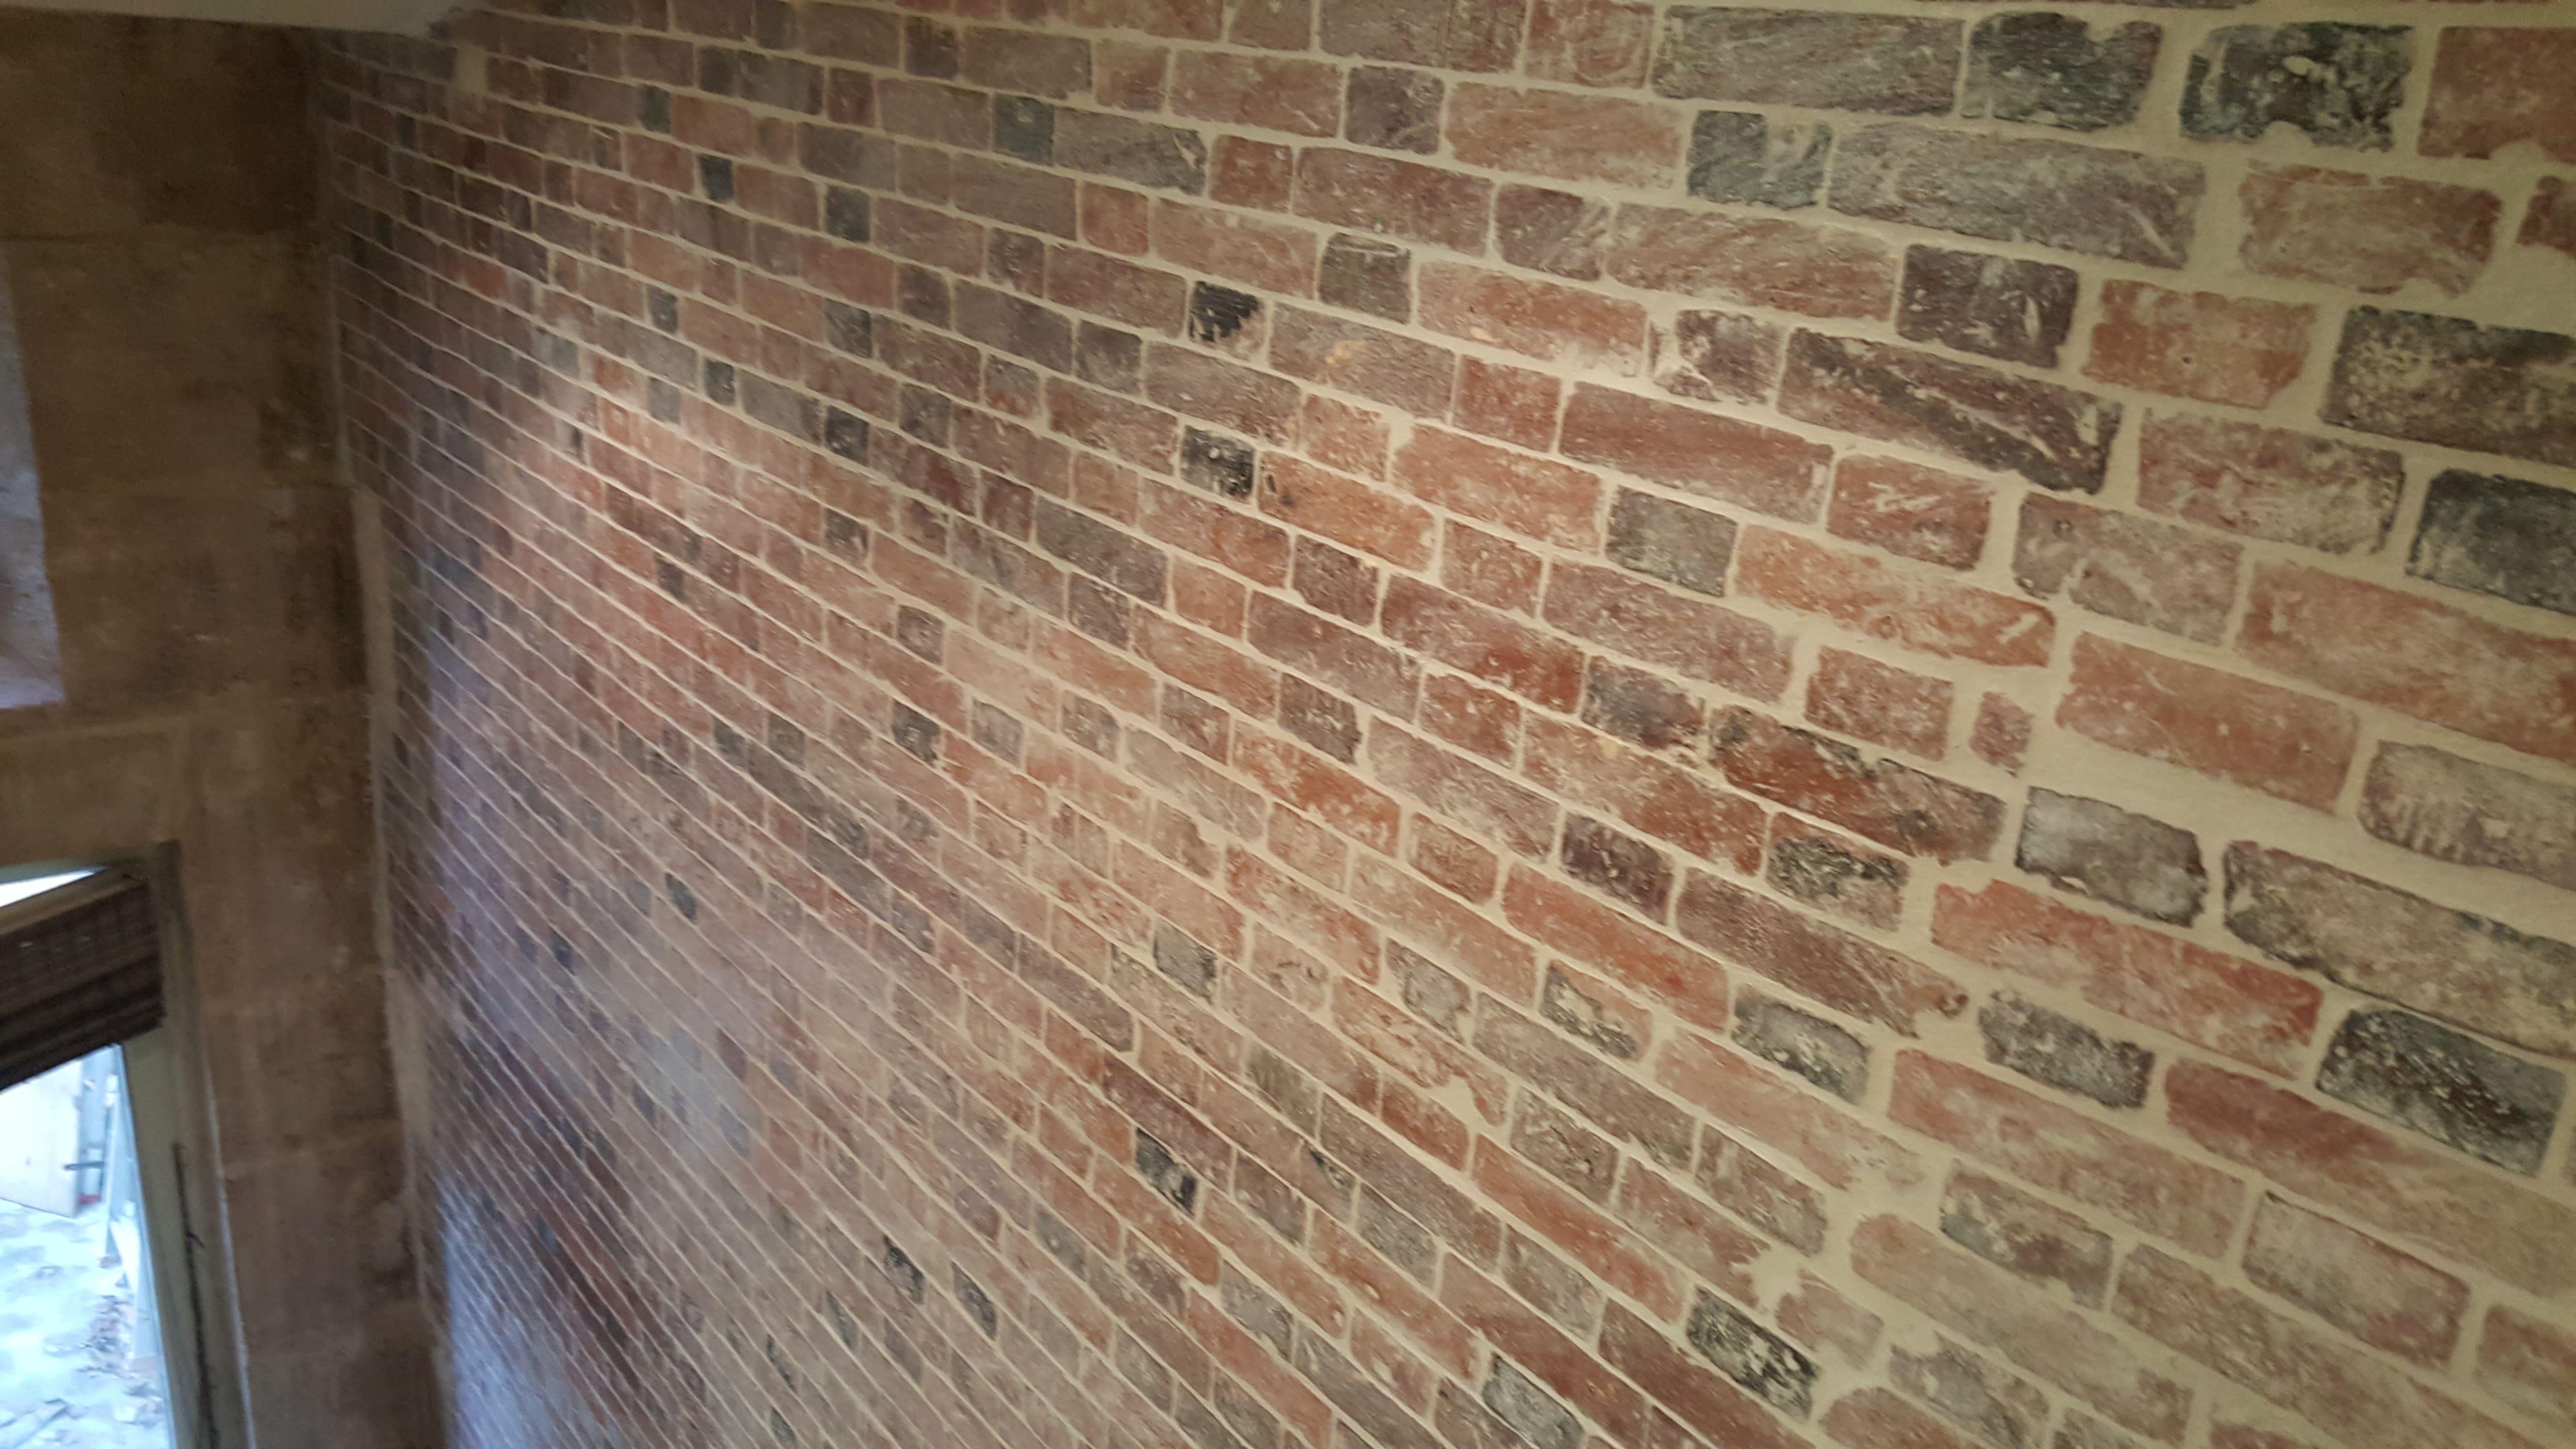 travaux-de-renovation-mur-de-brique-2-nettoyage-detachage-et-retapage-des-joints-societe-texas-batiment-min